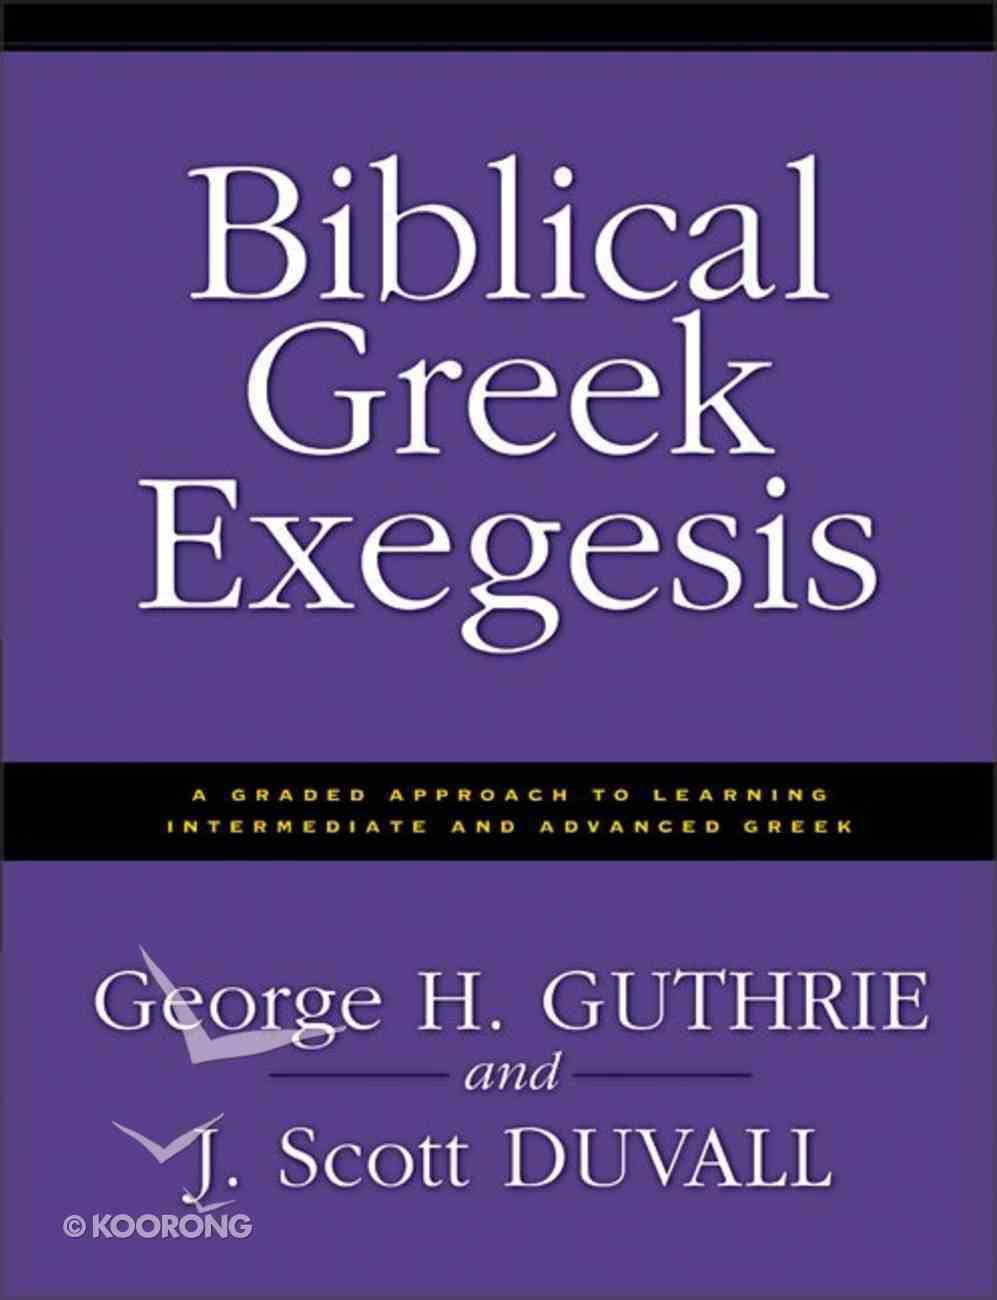 Biblical Greek Exegesis Paperback